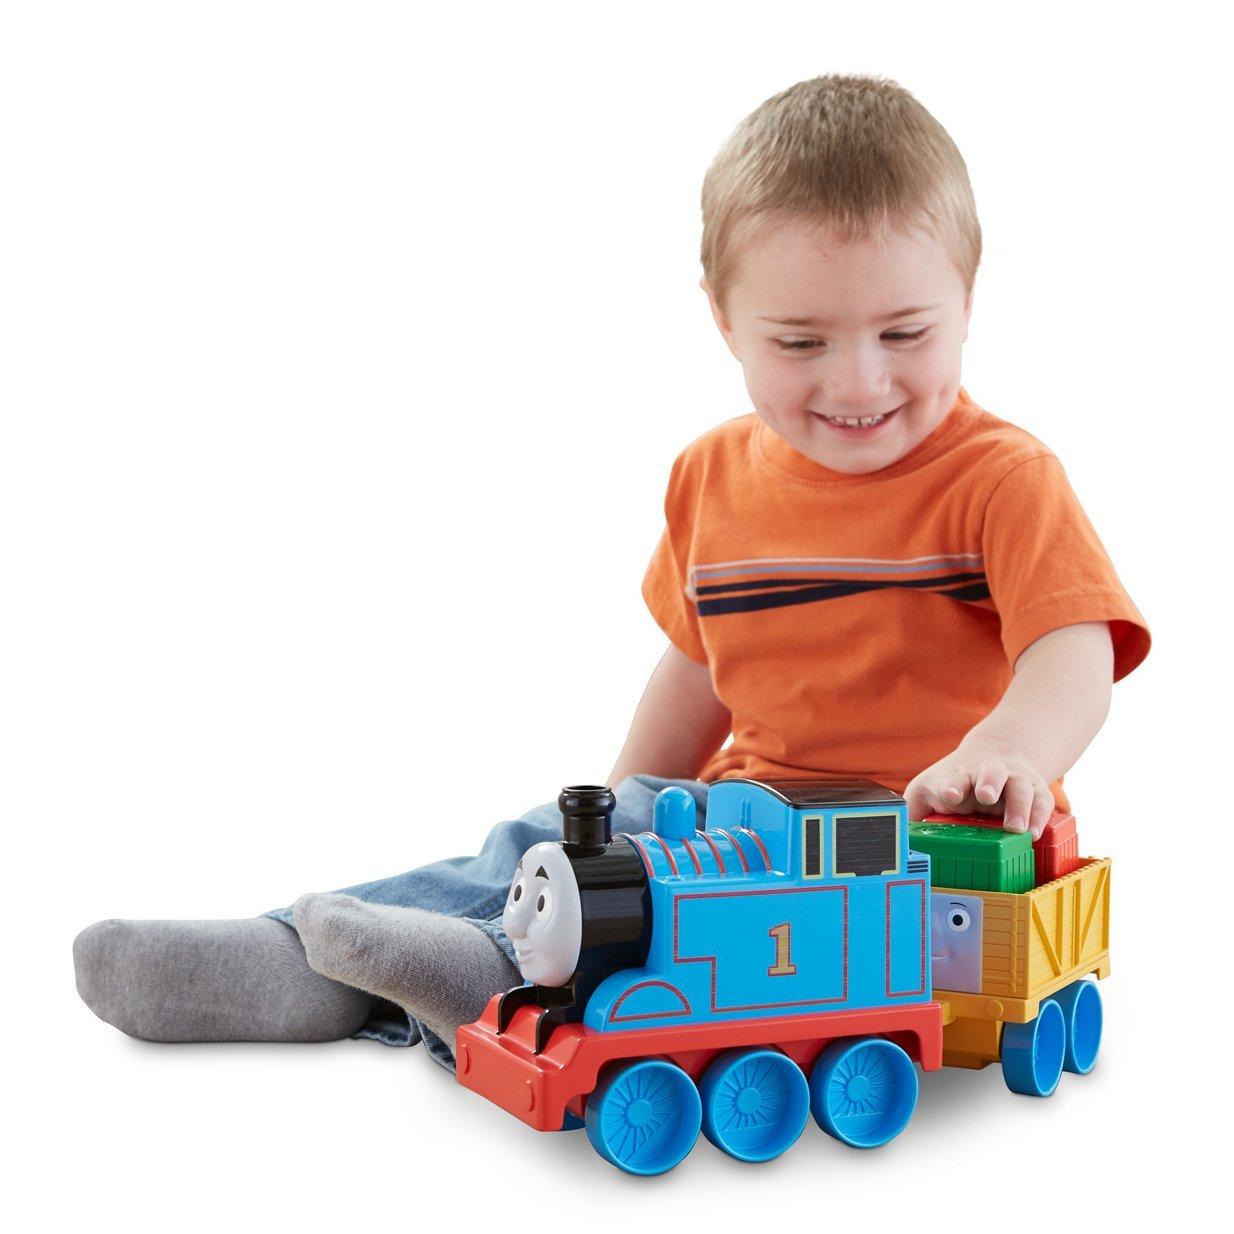 Мальчика с игрушкой картинка